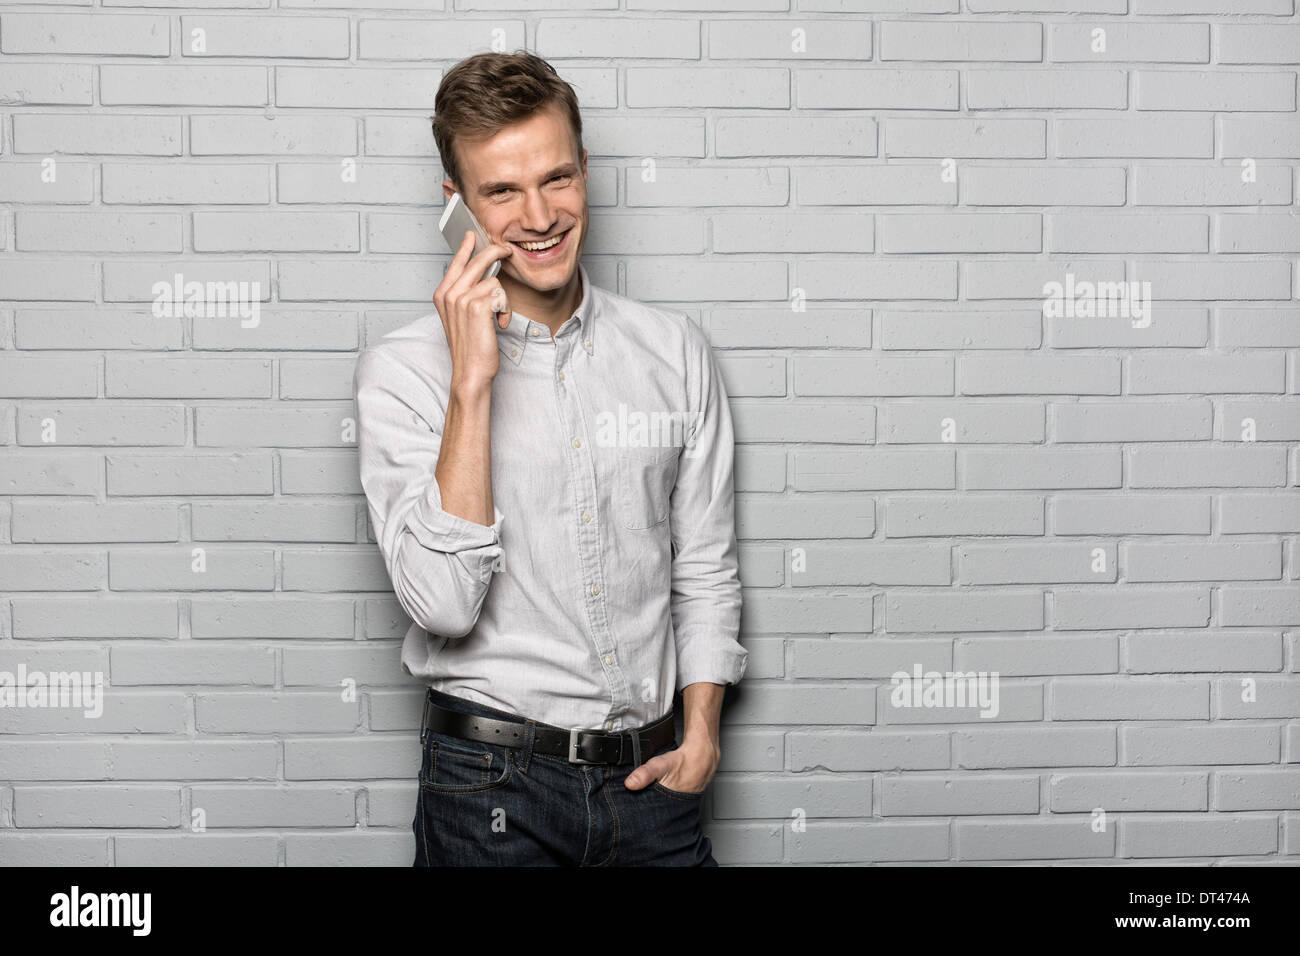 Ritratto maschile sorridente Telefono Mobile studio mattone guardando la fotocamera Immagini Stock